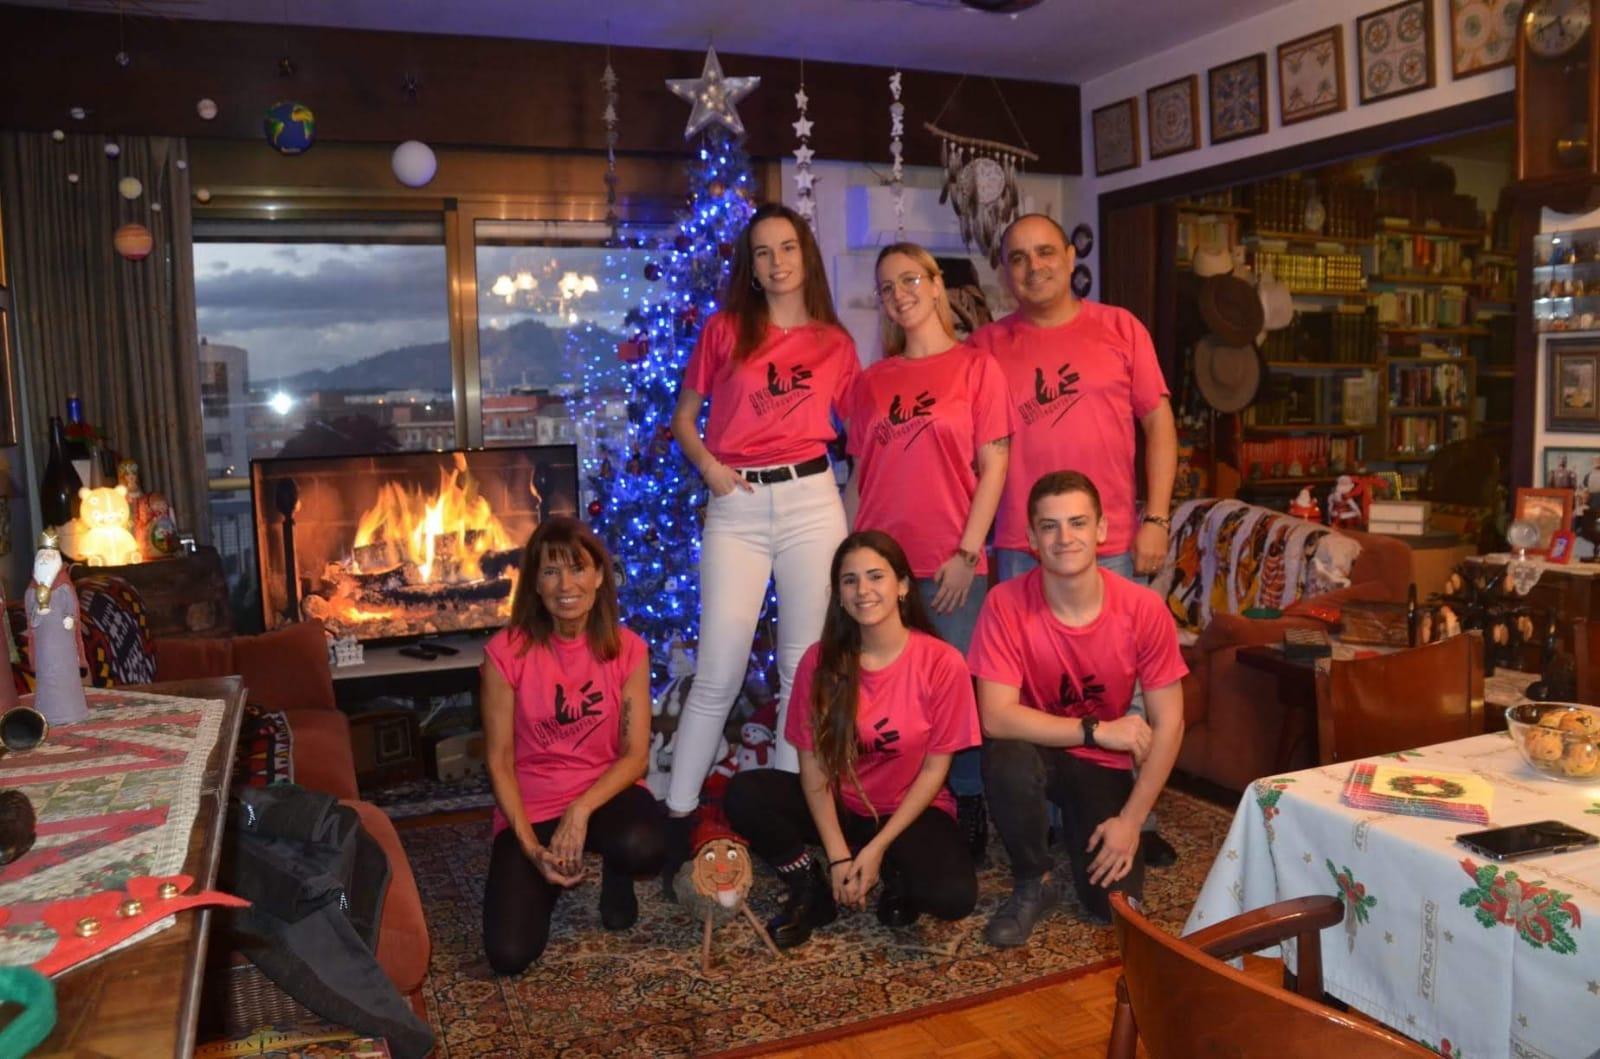 L'equip de voluntaris per al proper Camp de Treball segueix a l'espera per poder viatjar a Kenya aquest estiu